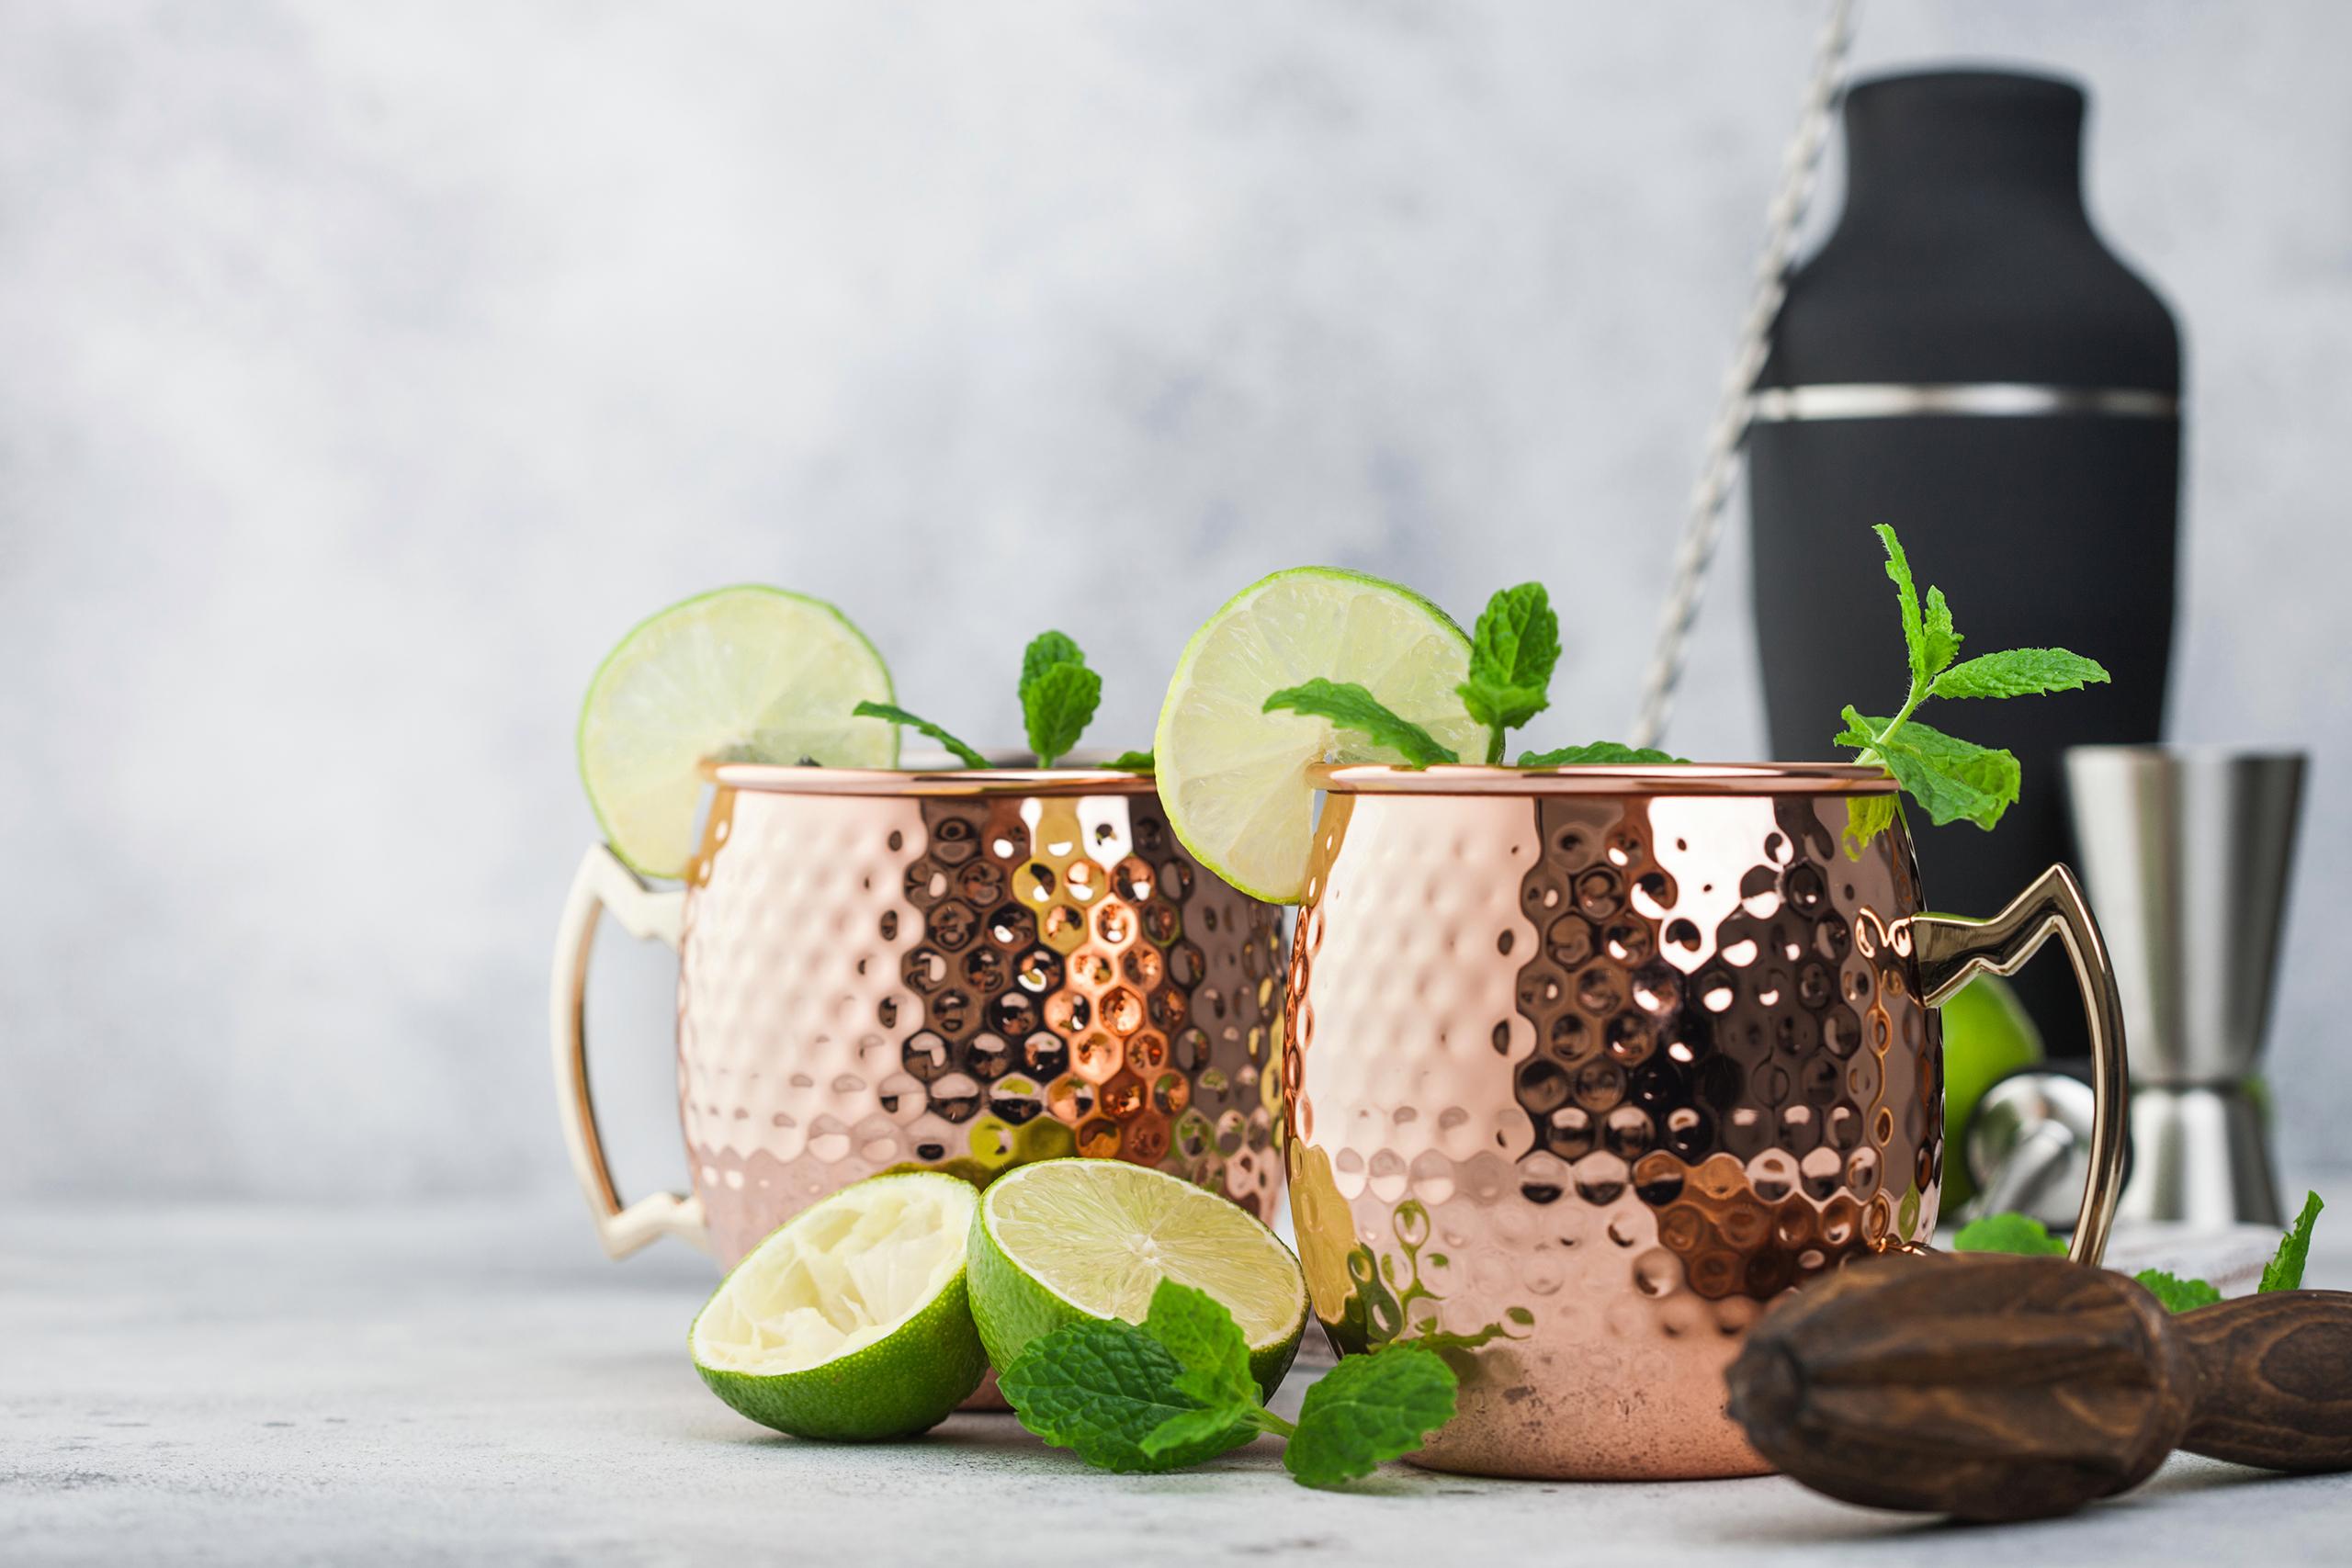 cocktail-génépi-mule-2-msf